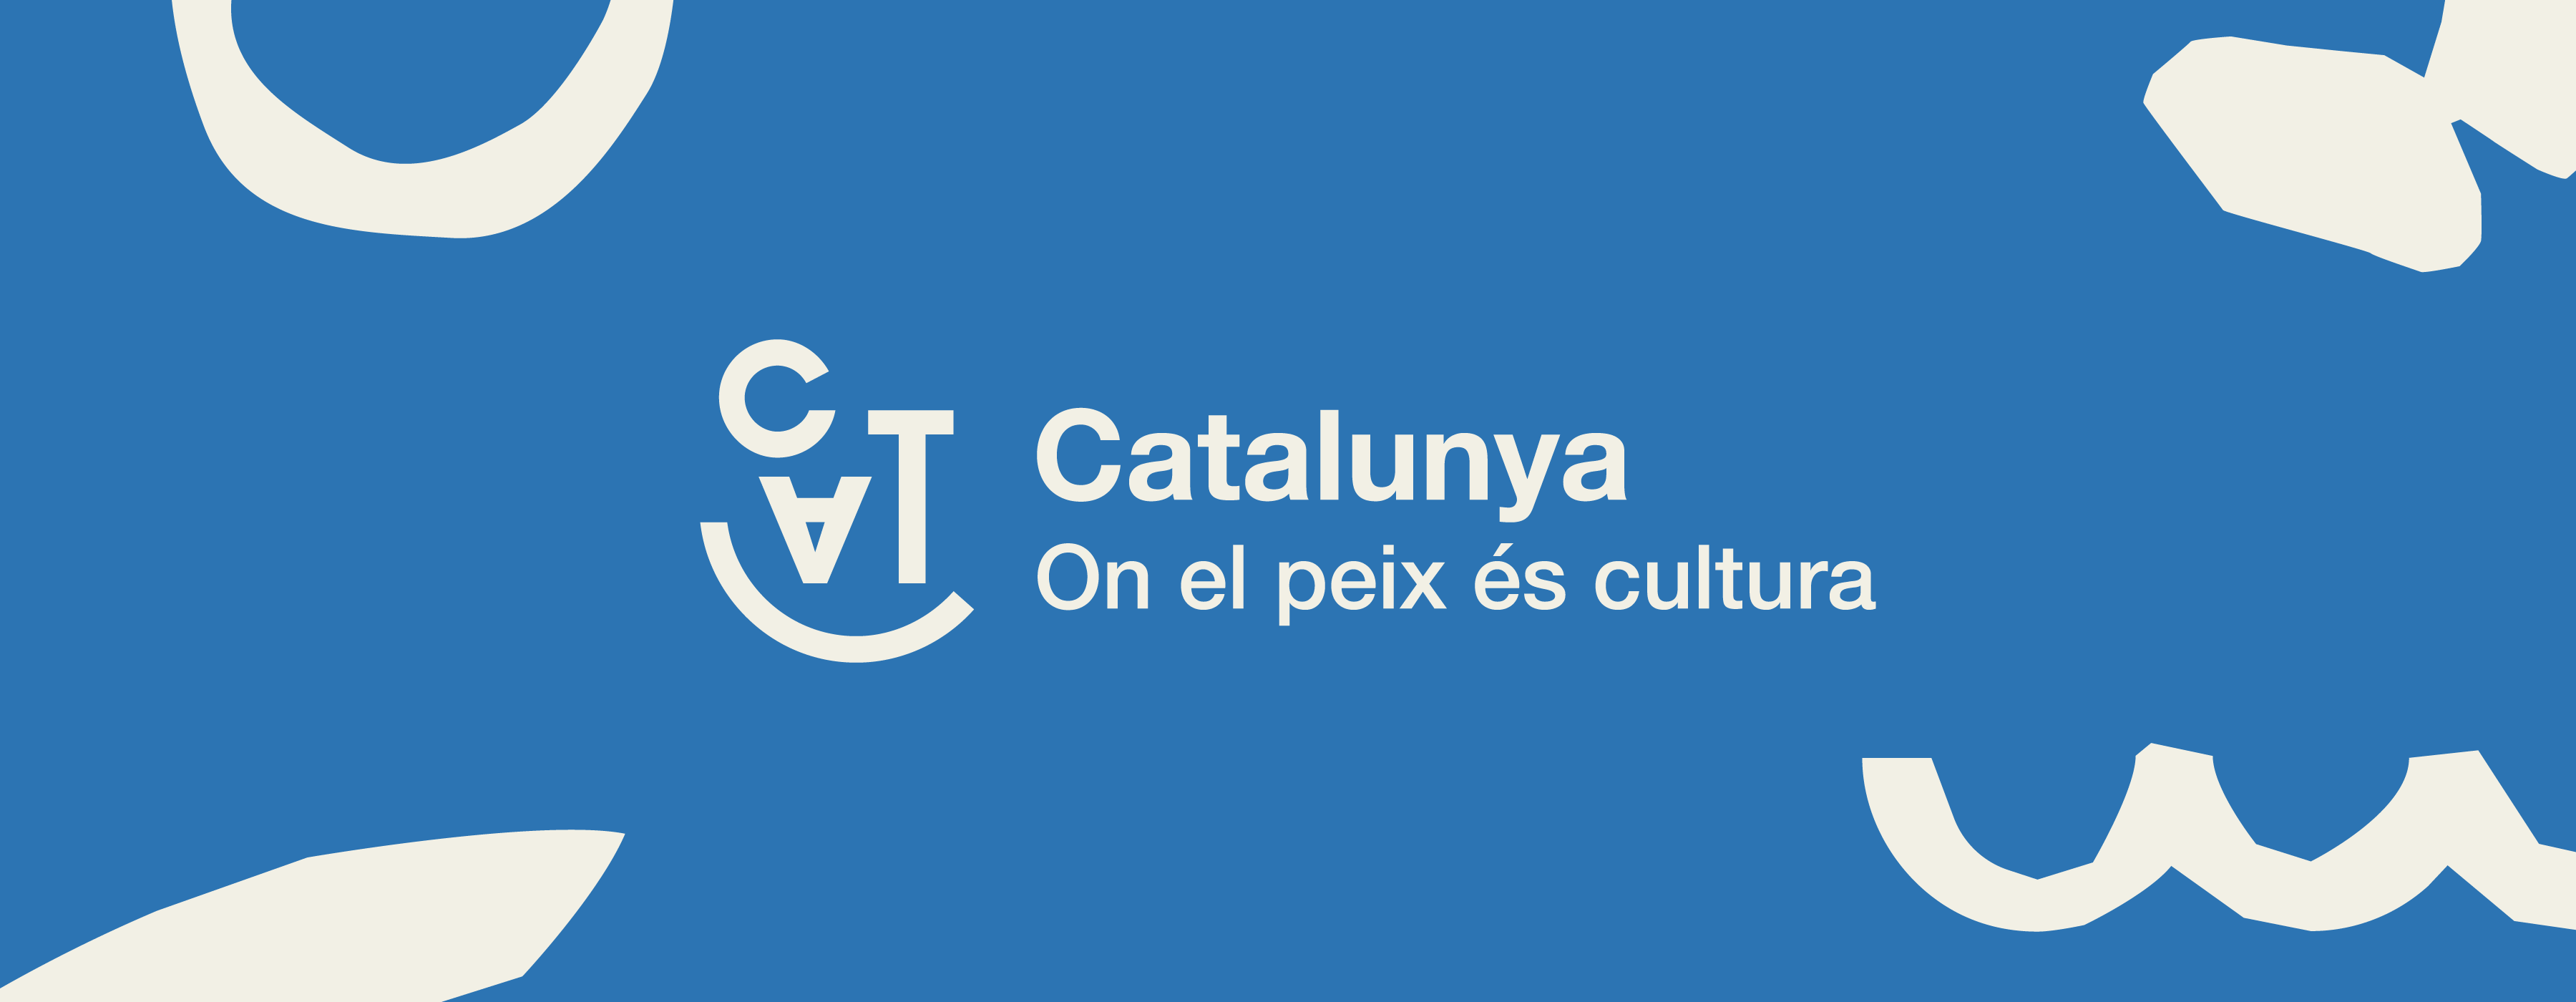 Identidad visual pescado Catalunya, on el menjar és cultura por monsieur madame